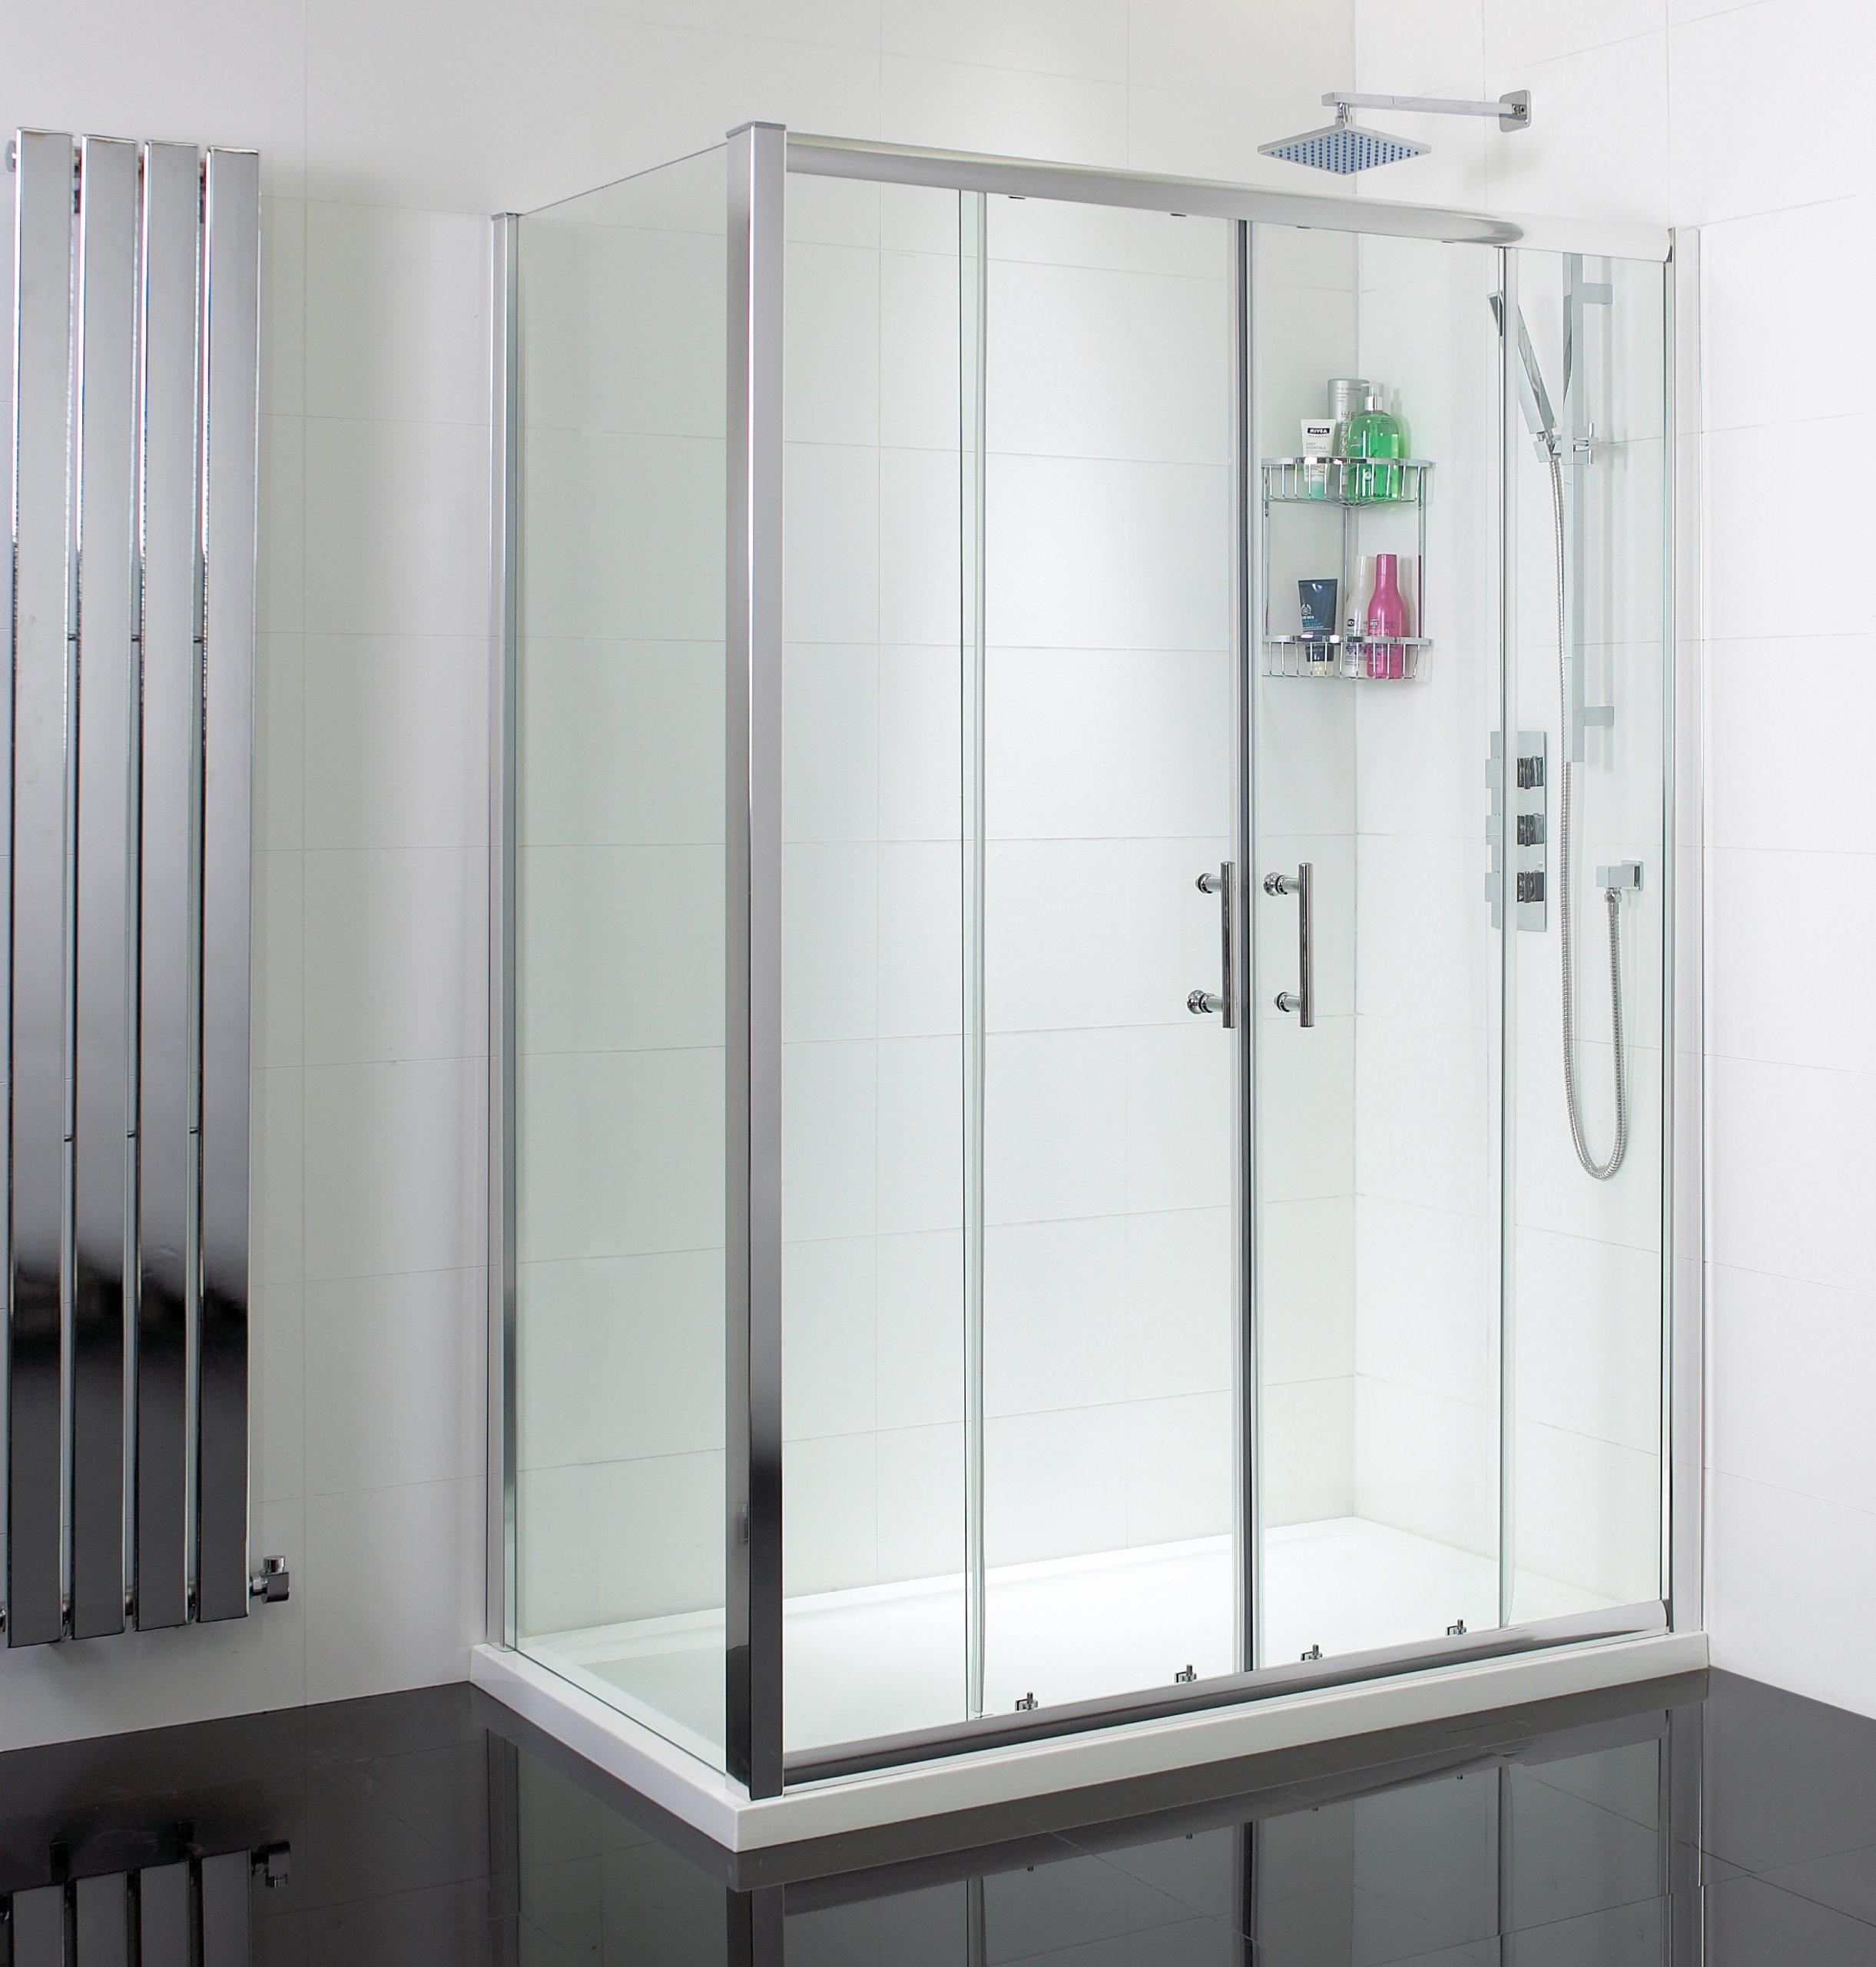 Ducha y baño Ideas - 1500 x 700 para puerta corredera doble caja de plato y: Amazon.es: Bricolaje y herramientas